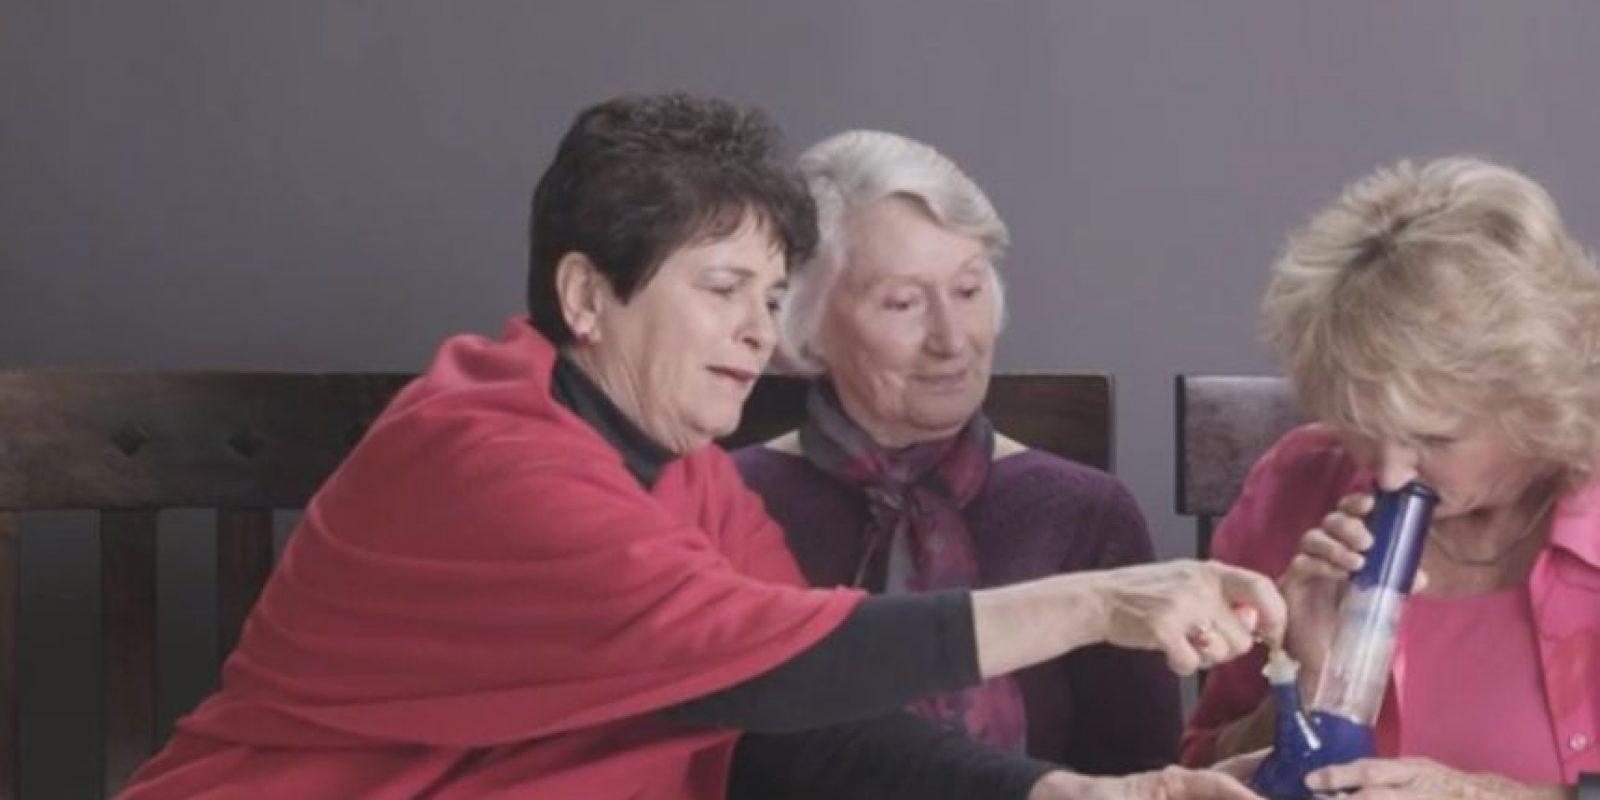 Se les enseñó a usar el aparato porque ni siquiera sabían qué hacer. Foto:Cut/Youtube